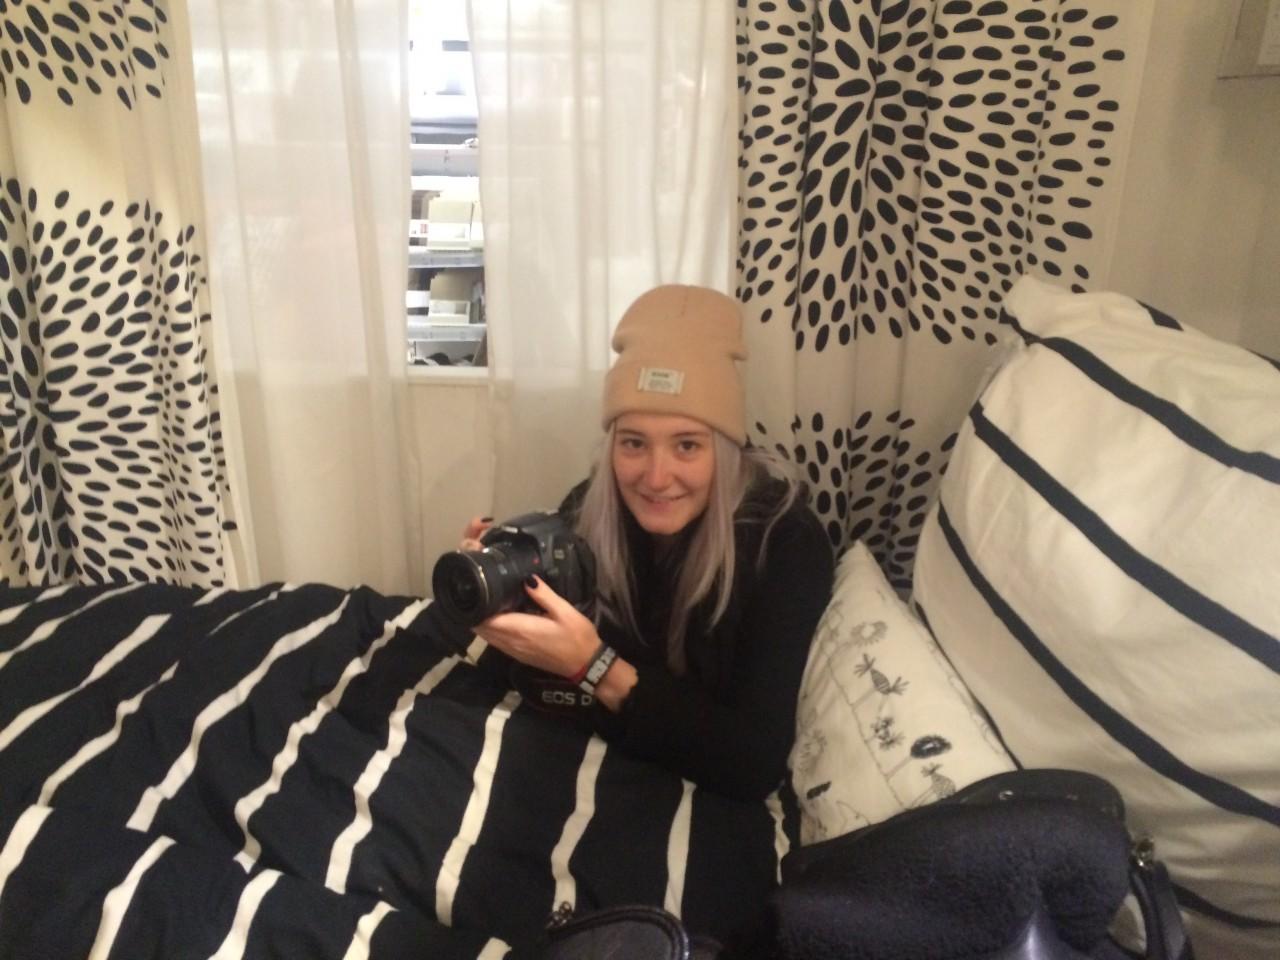 Designstudentin in einem Ikeabett